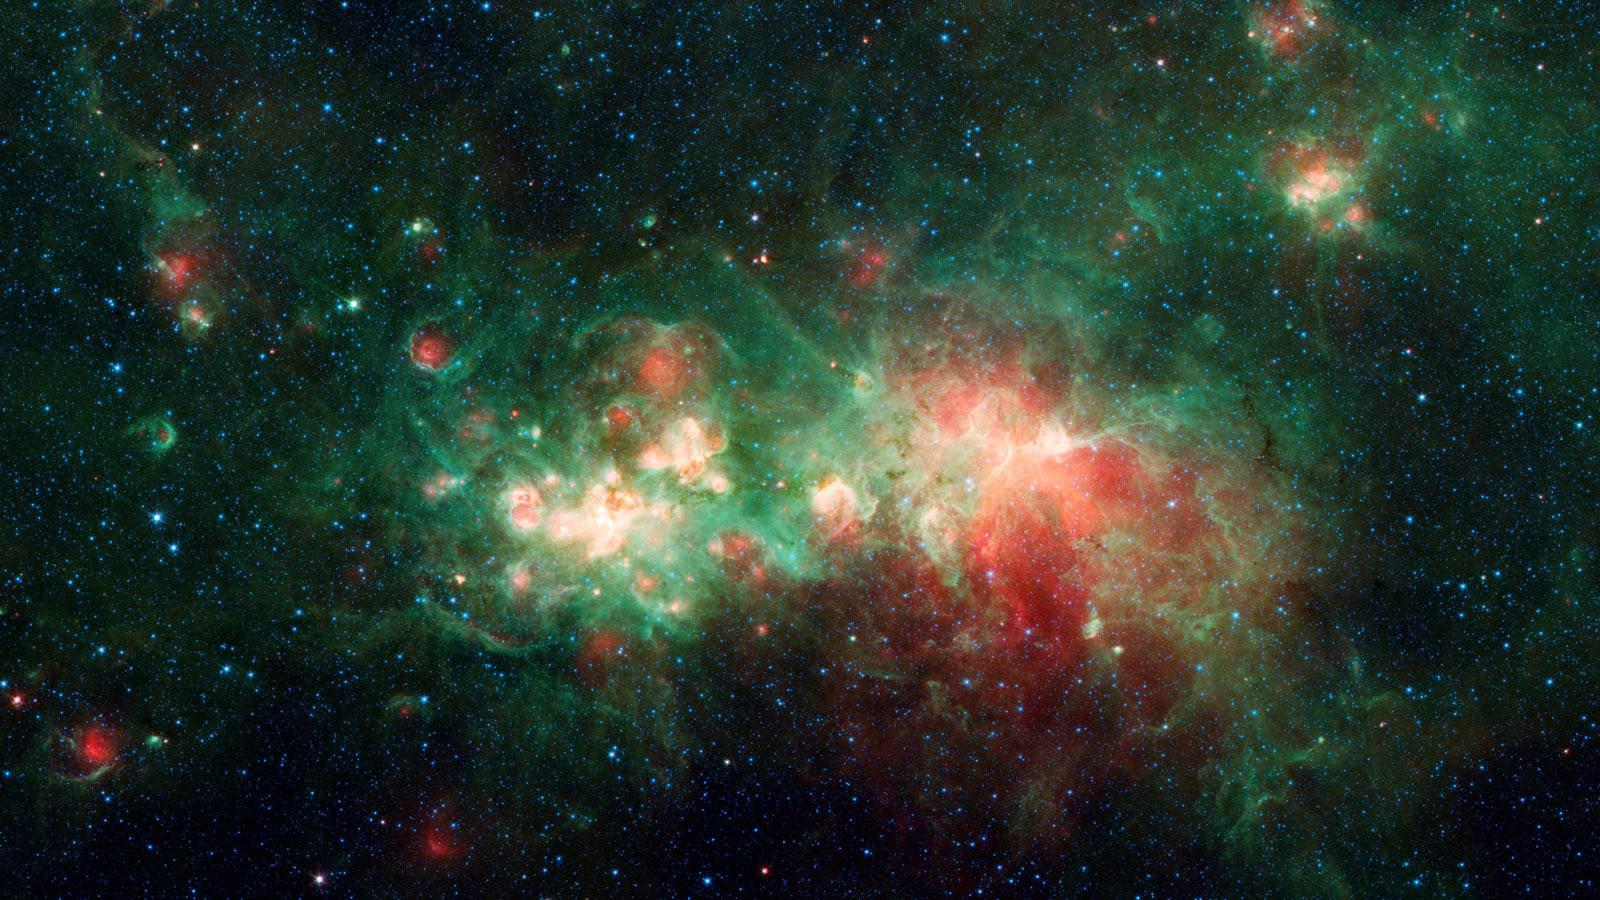 Ai tạo ra vũ trụ (Nơi tận cùng của vũ trụ )